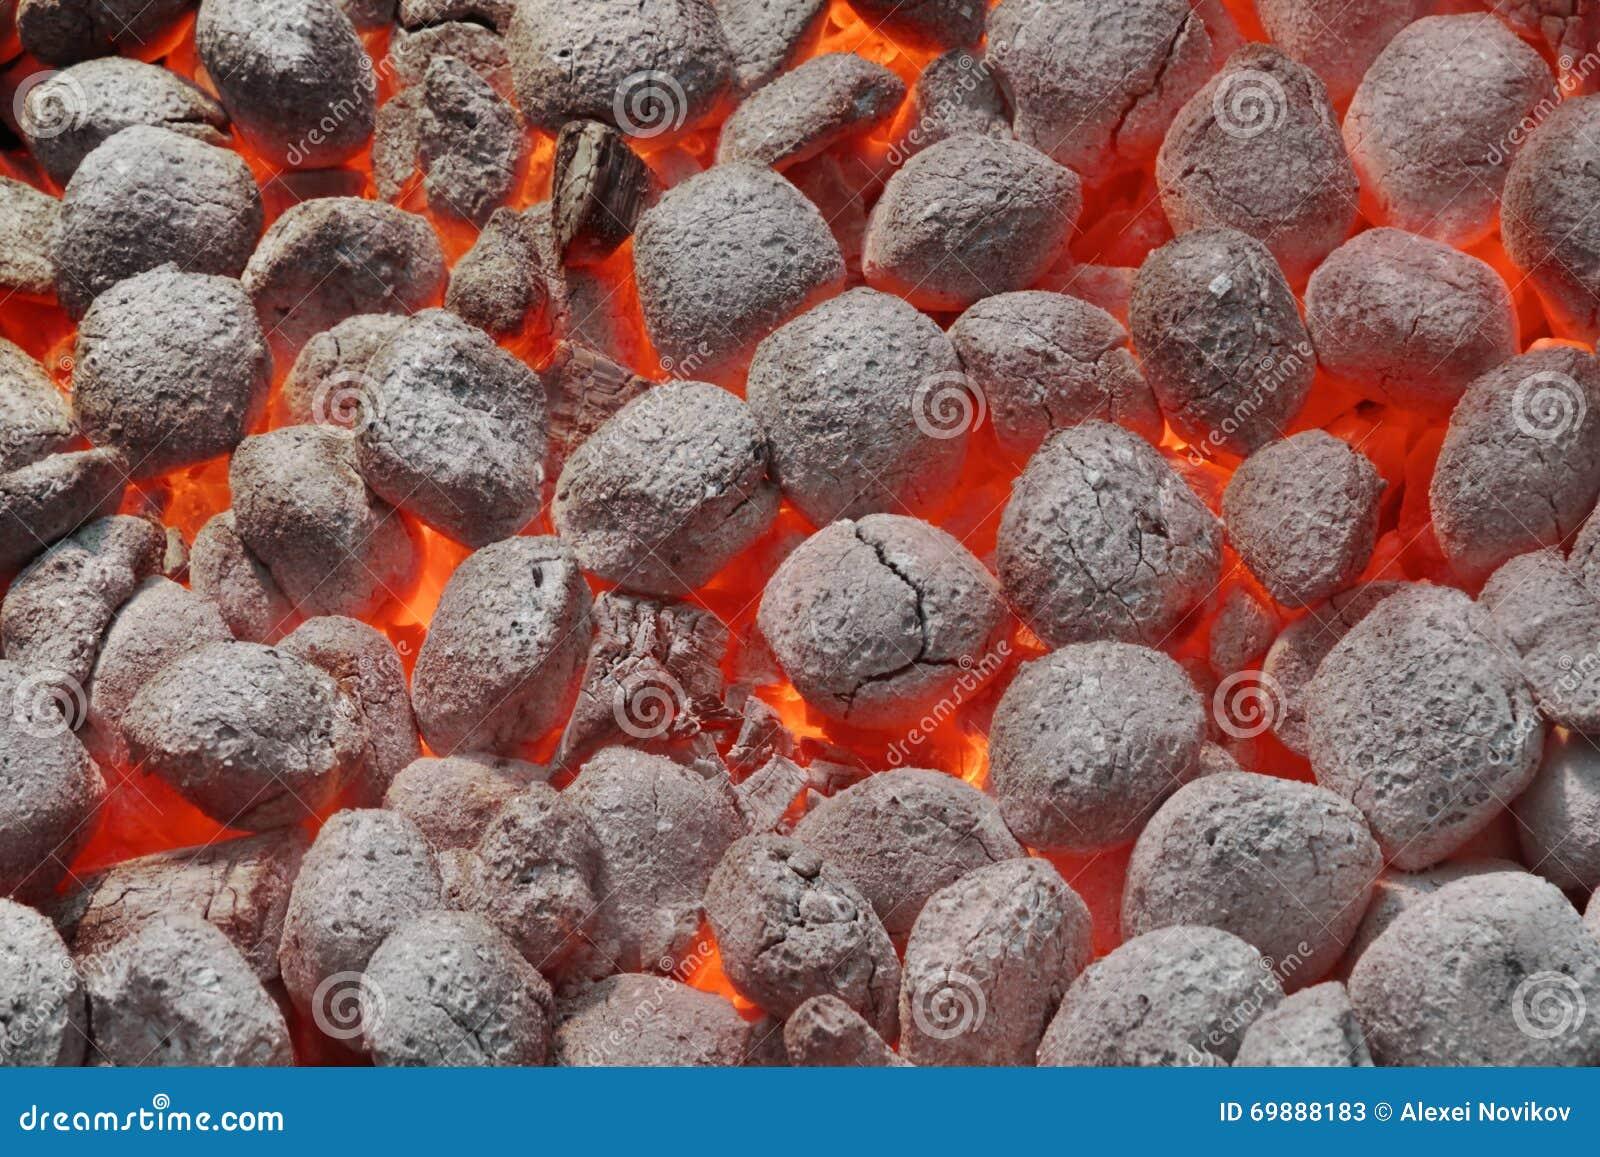 BBQ grilla jama Z Rozjarzonym Gorącym węglem drzewnym Brykietuje, zbliżenie